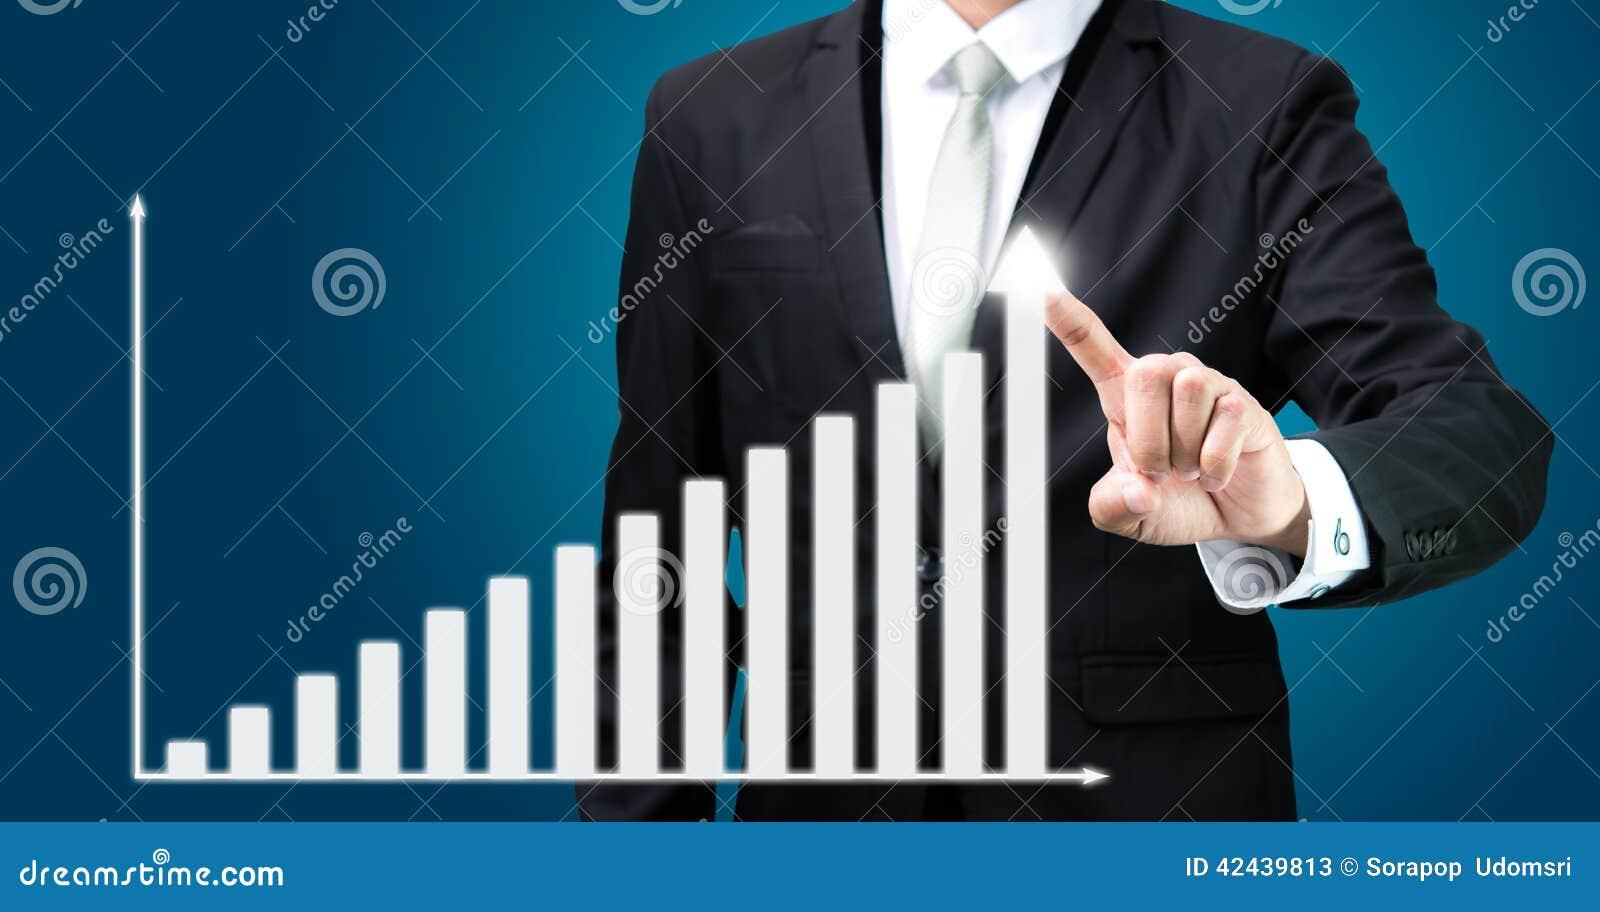 Finanzas derechas del gráfico del tacto de la mano de la postura del hombre de negocios aisladas